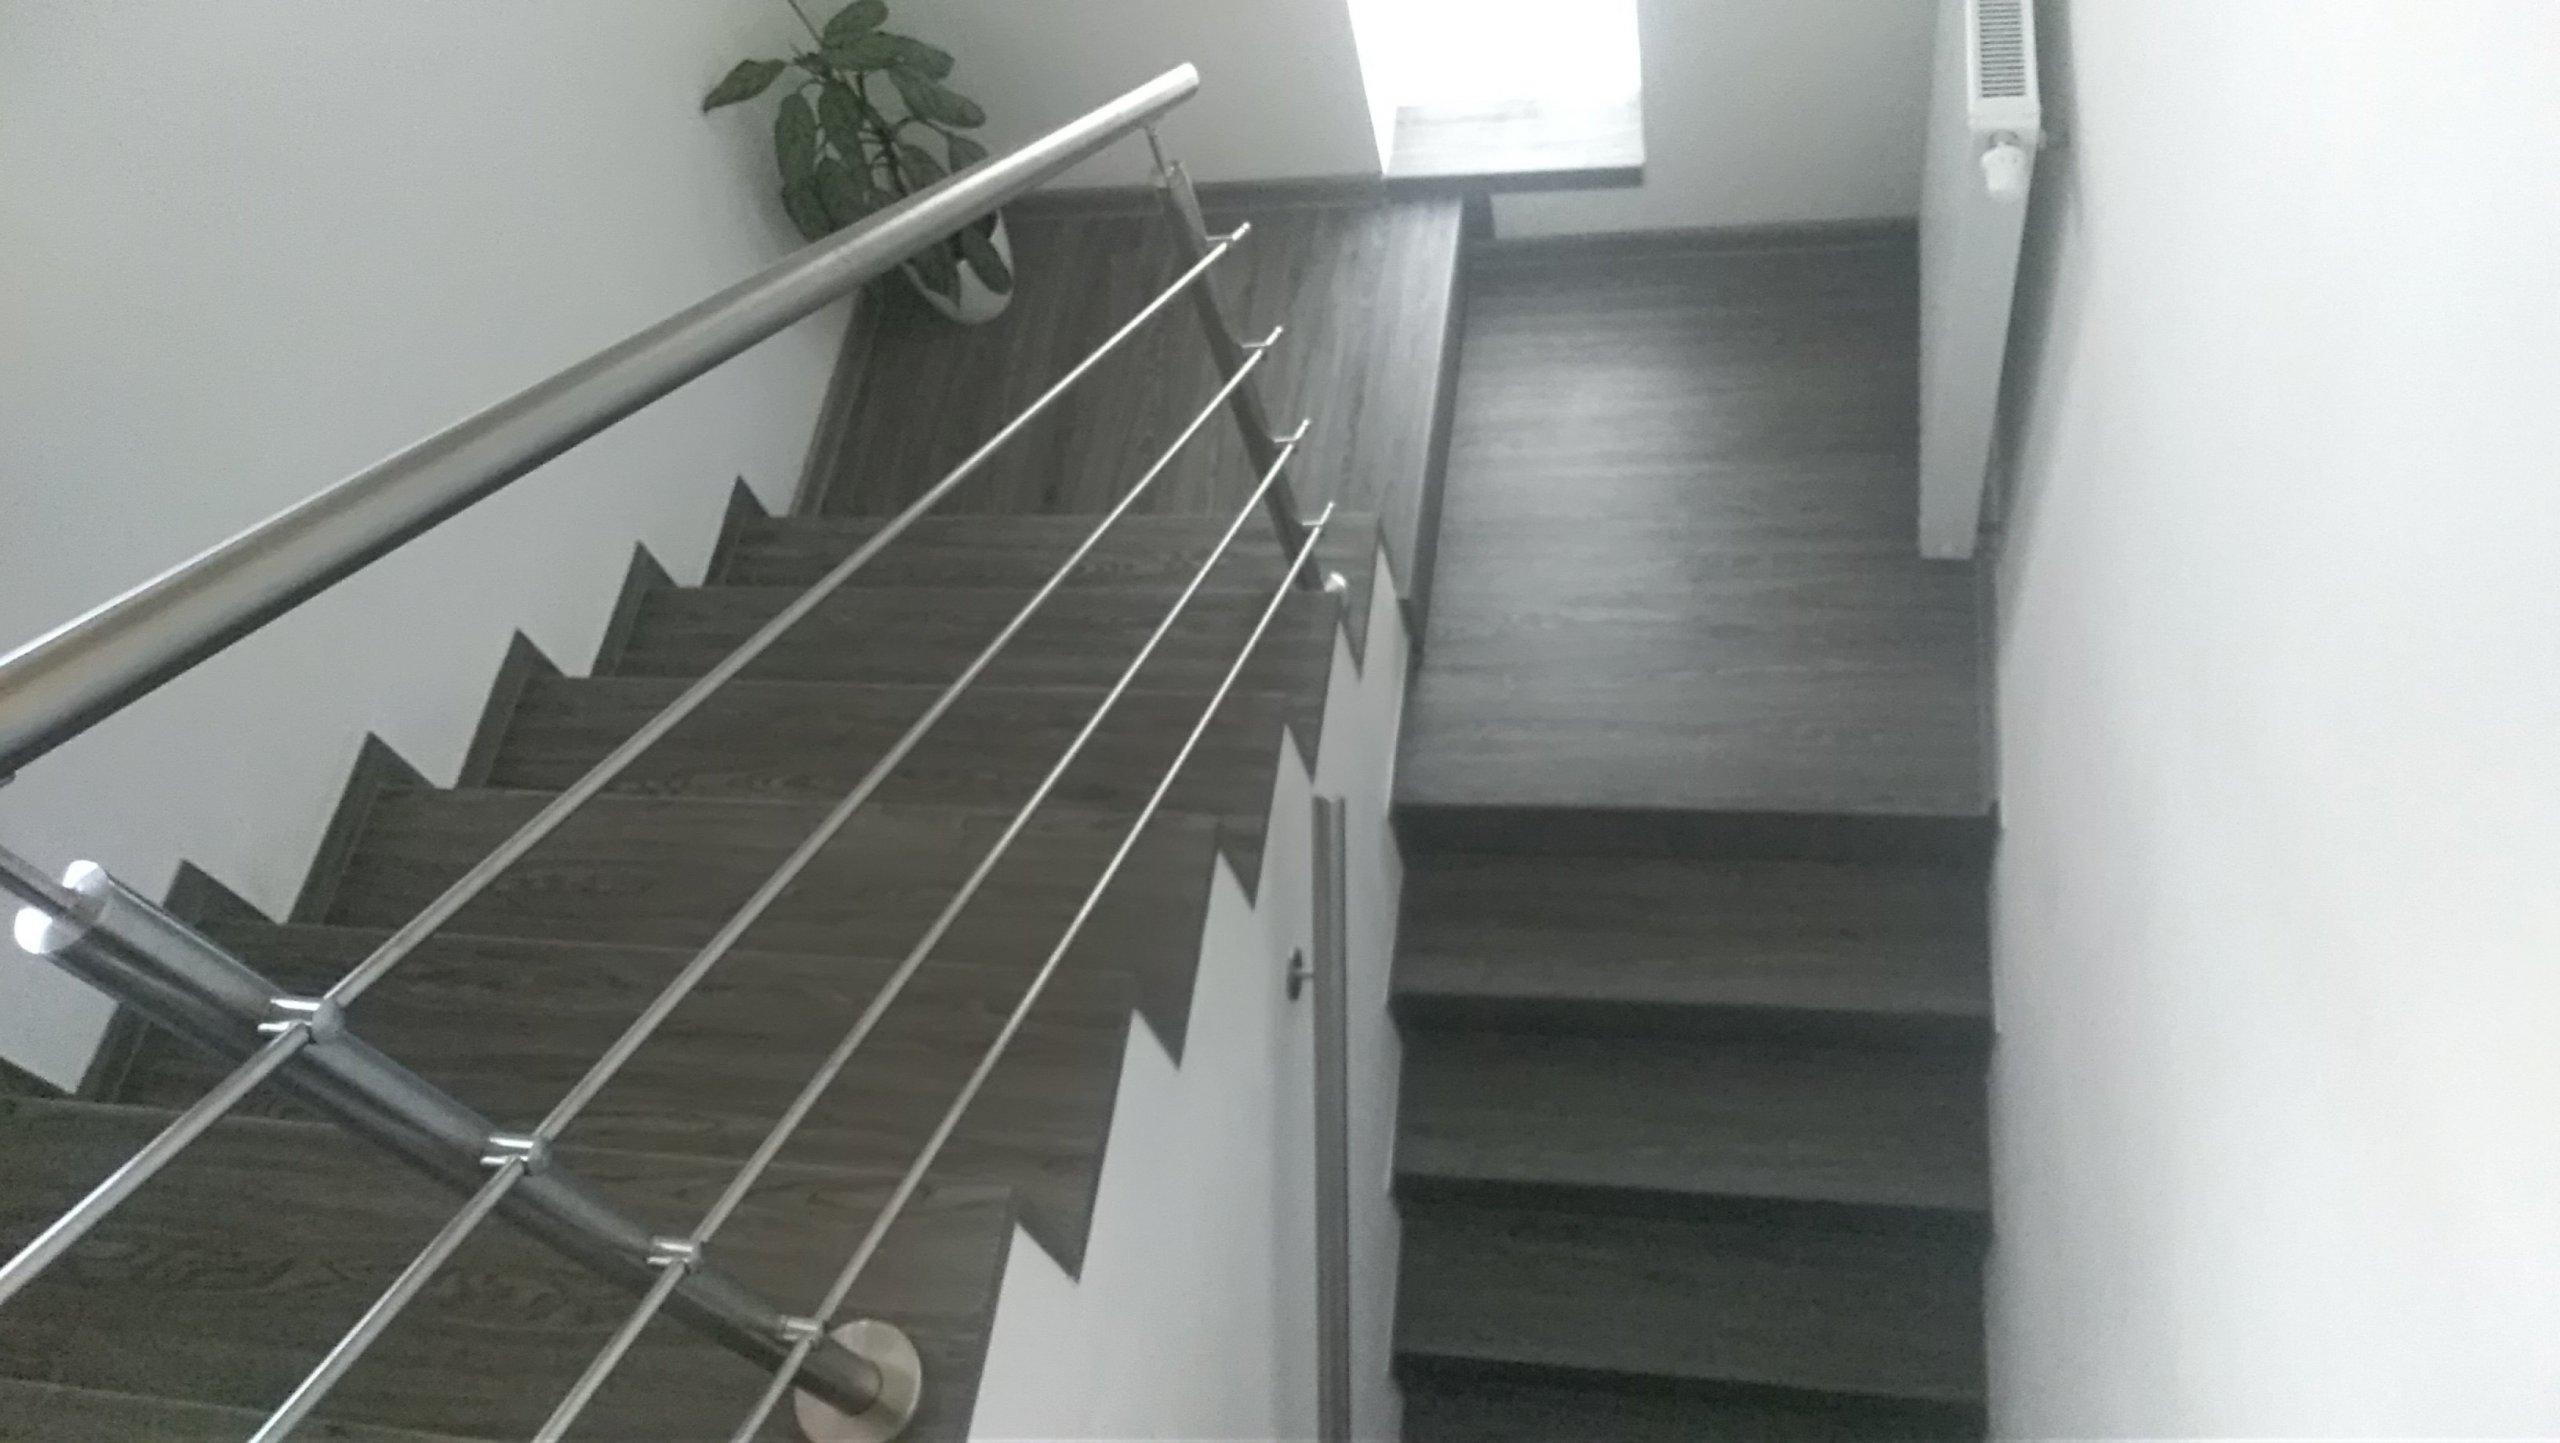 Ukázka realizace vinylových schodů Bukoma. Použitá vinylová podlaha pro výrobu je BUKOMA CLICK dekor Dub Urban. Hrany schodů jsou řešeny speciálním ohybem…